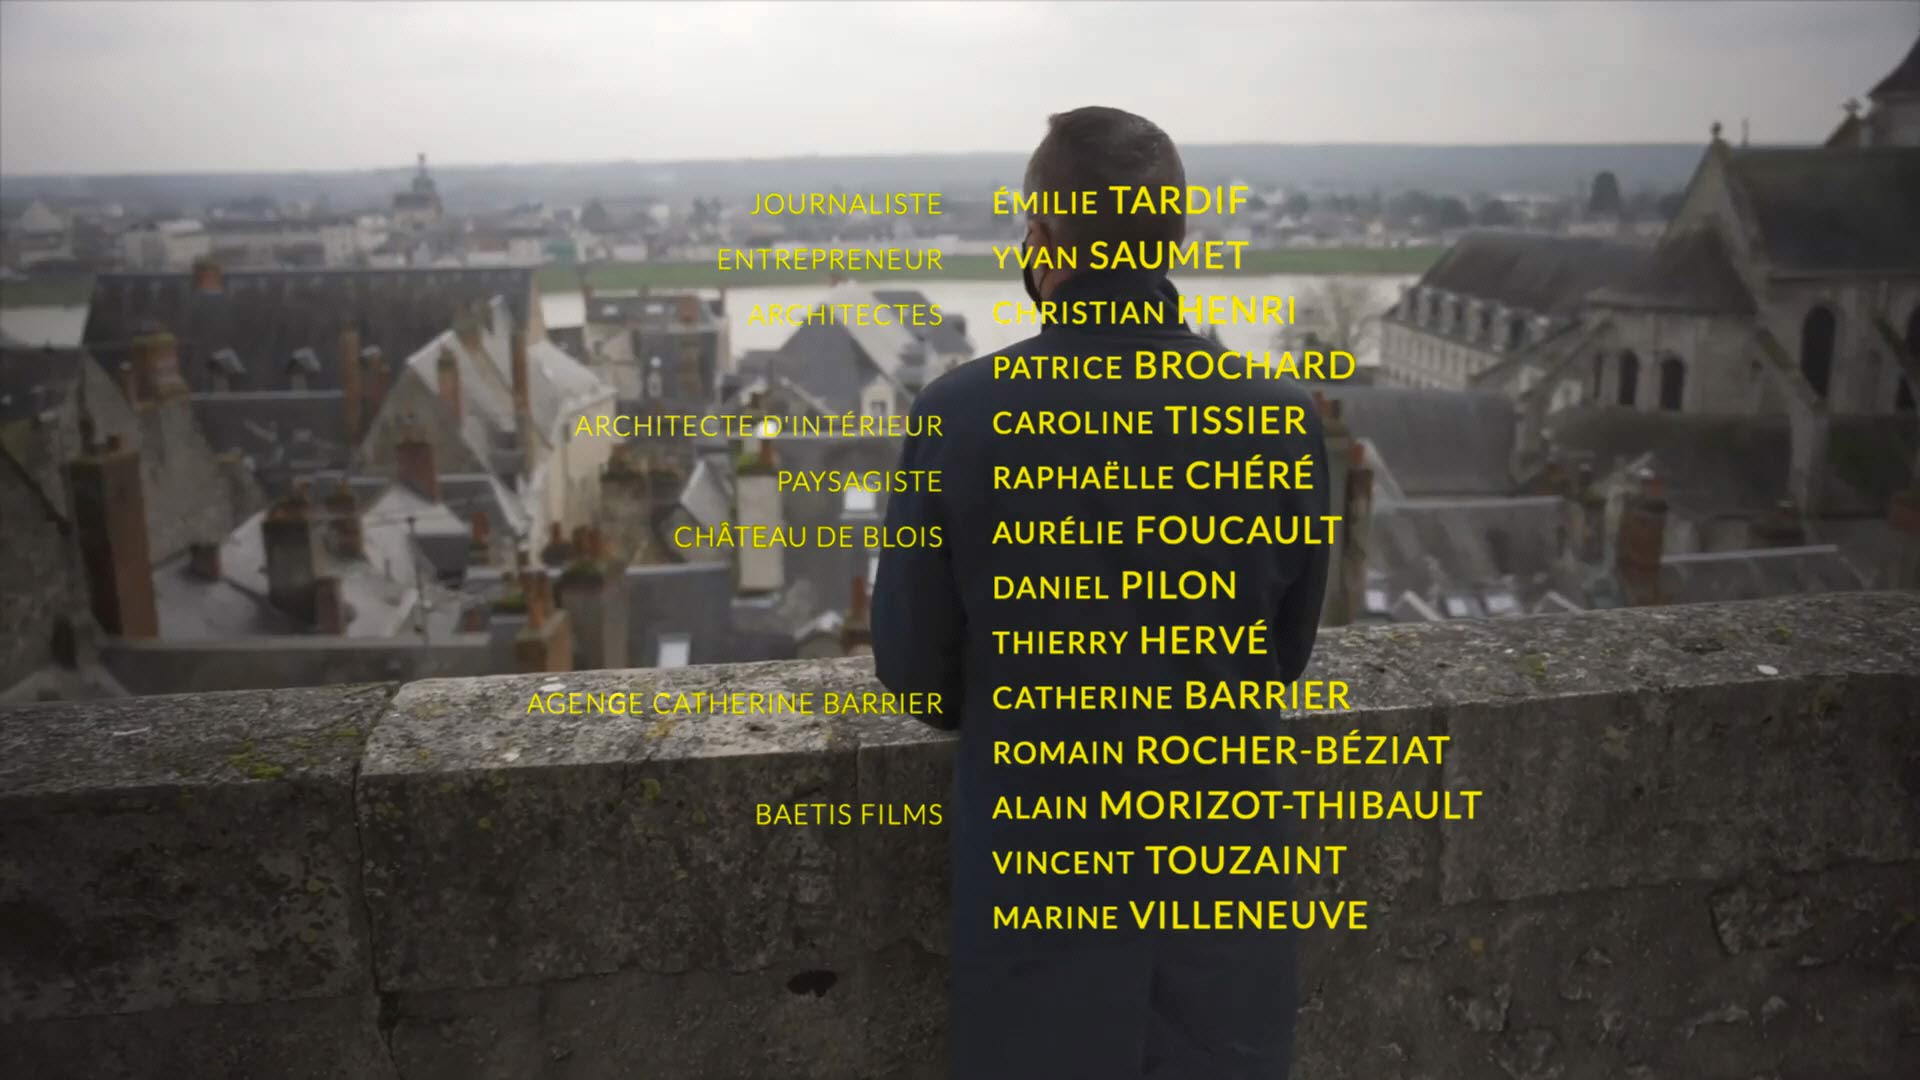 Liste des participants - © Chaine YouTube Christophe Hay